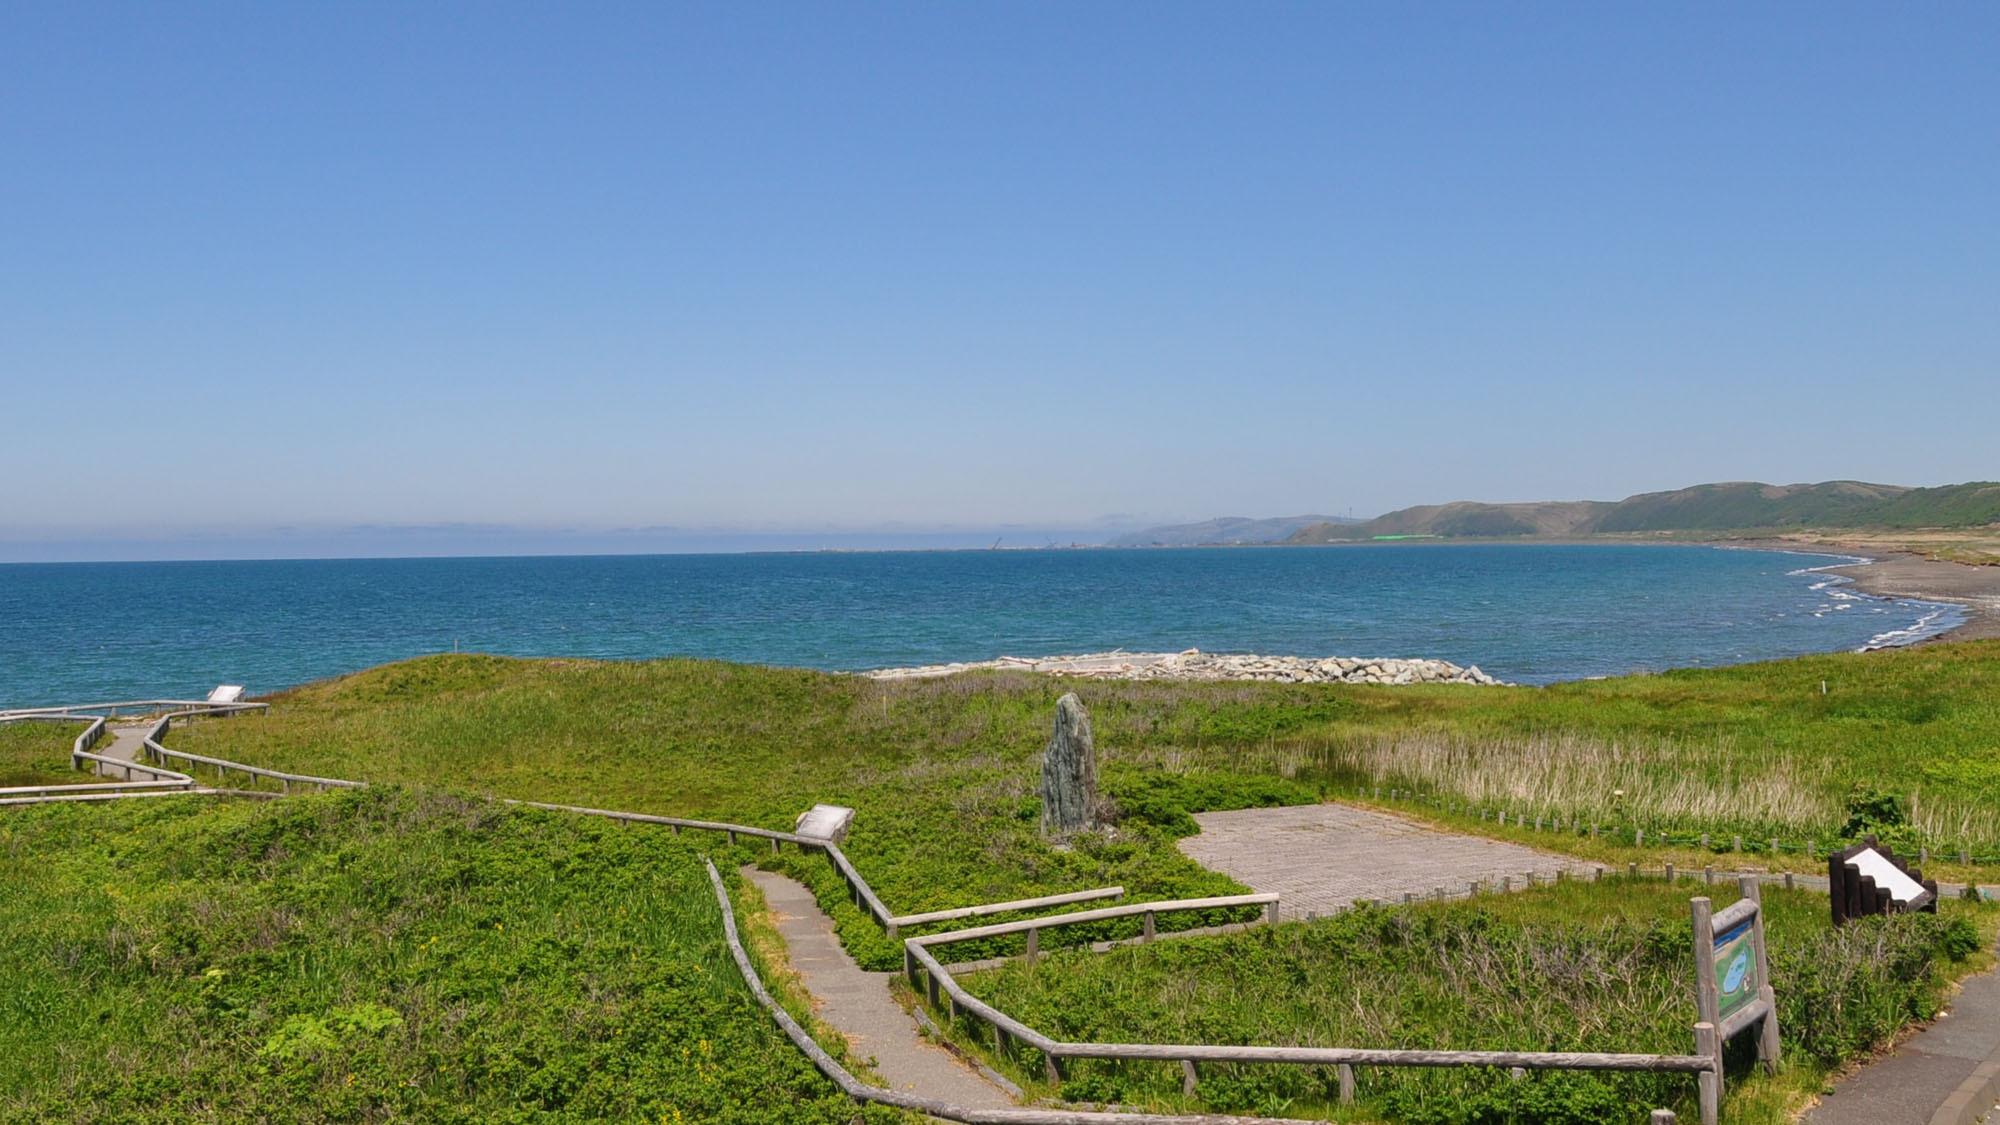 【浜勇知展望休憩施設(こうほねの家) 】休憩施設から見た広がる海。